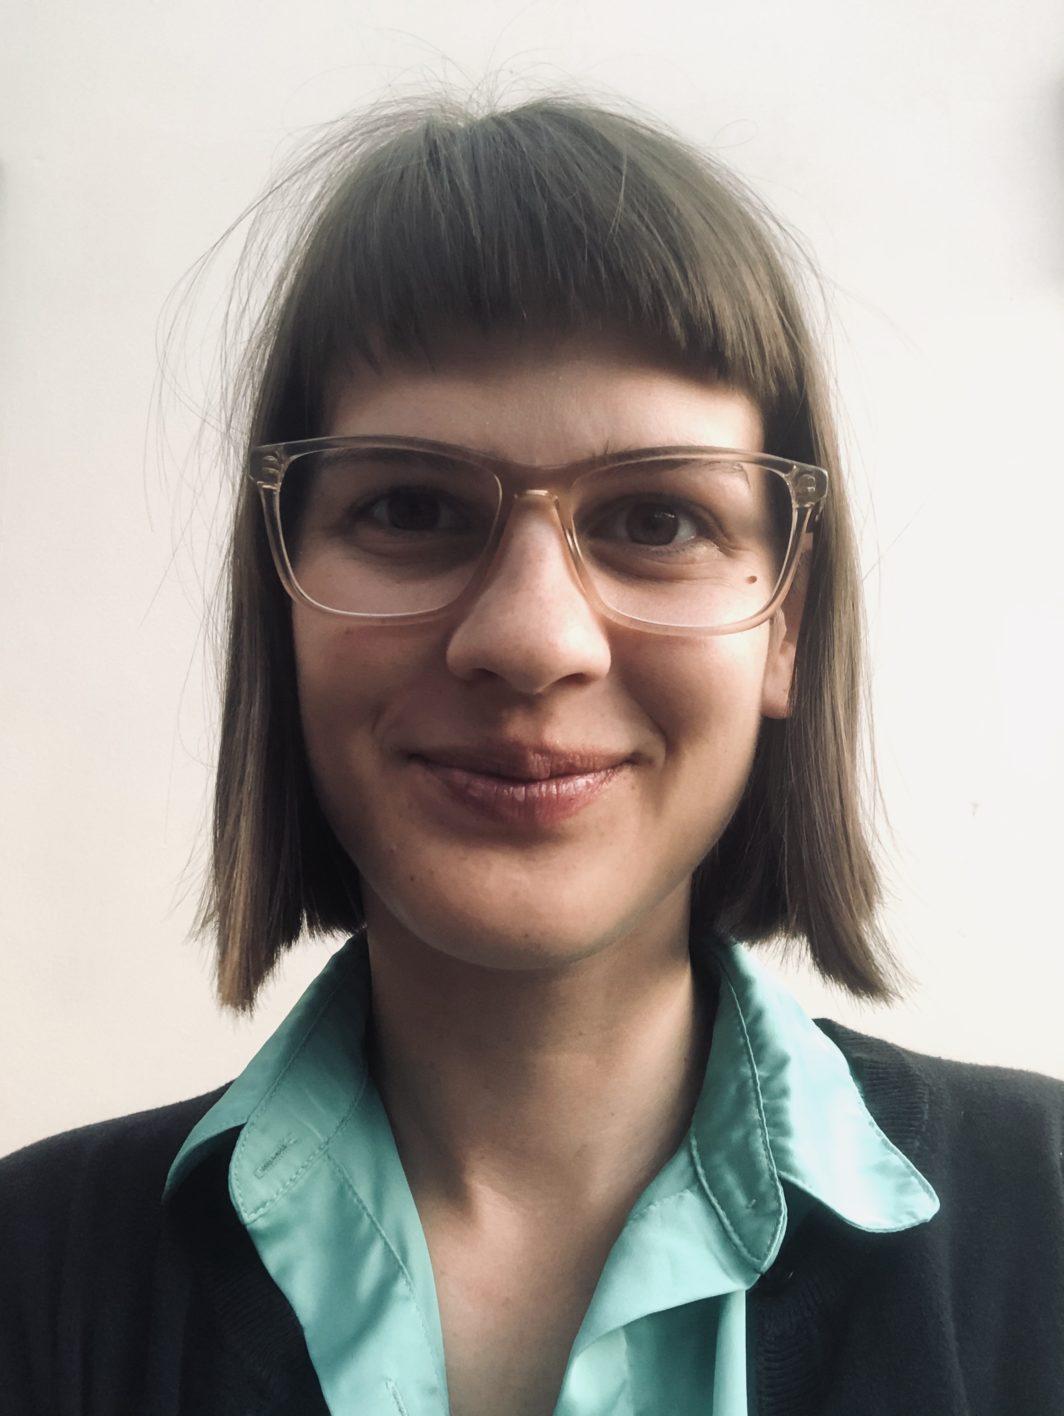 Rabbi Leah Jordan